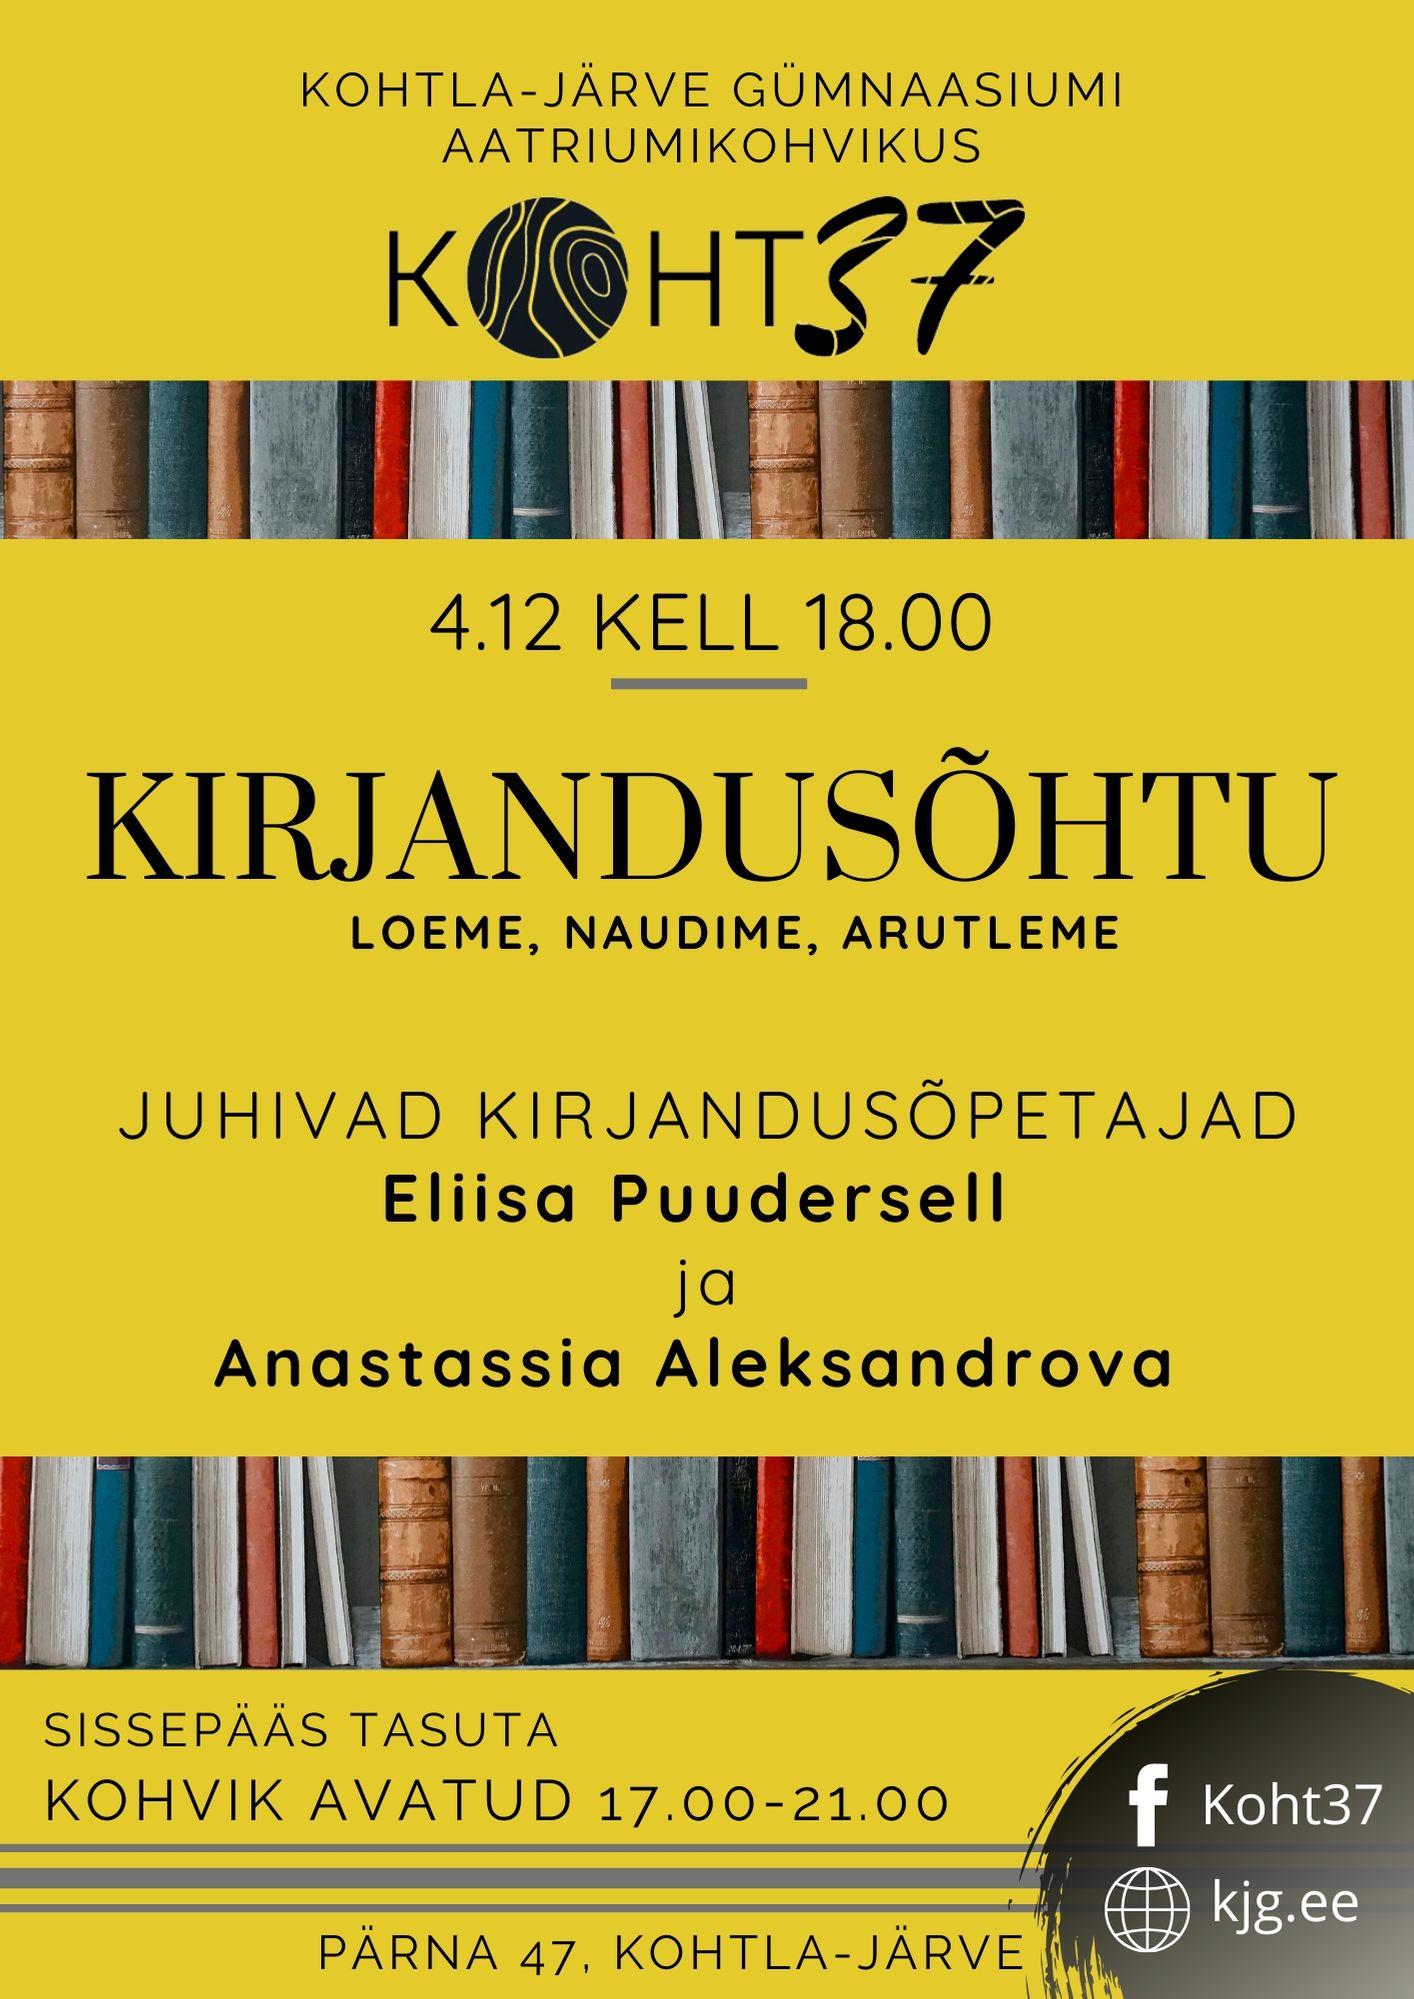 KOHT37: Kirjandusõhtu